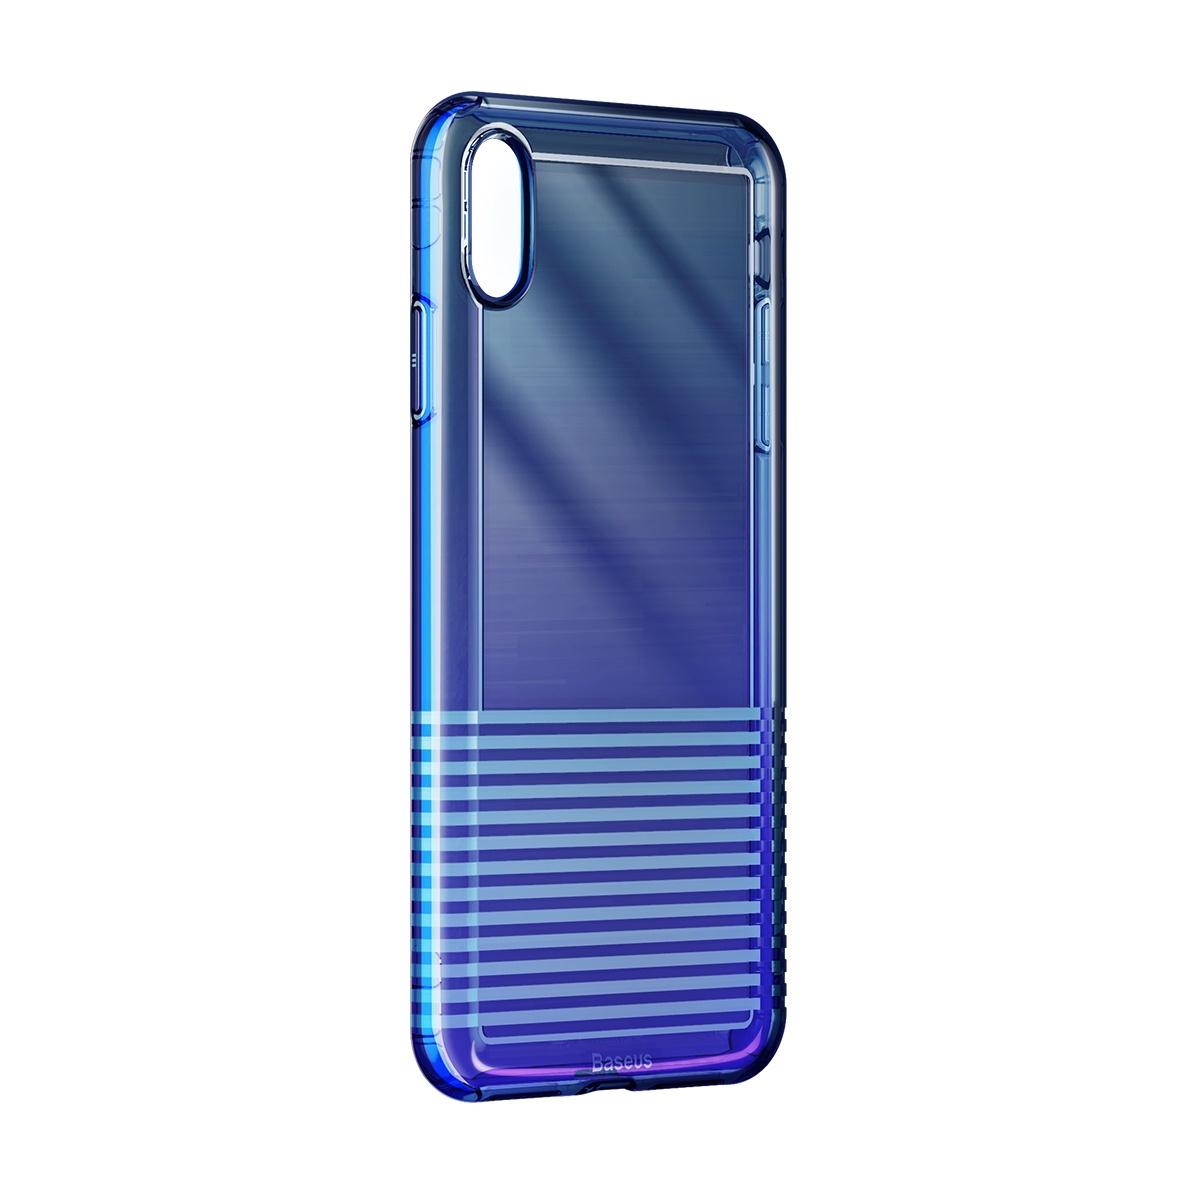 Чехол для сотового телефона Baseus WIAPIPH65-XC01, черный